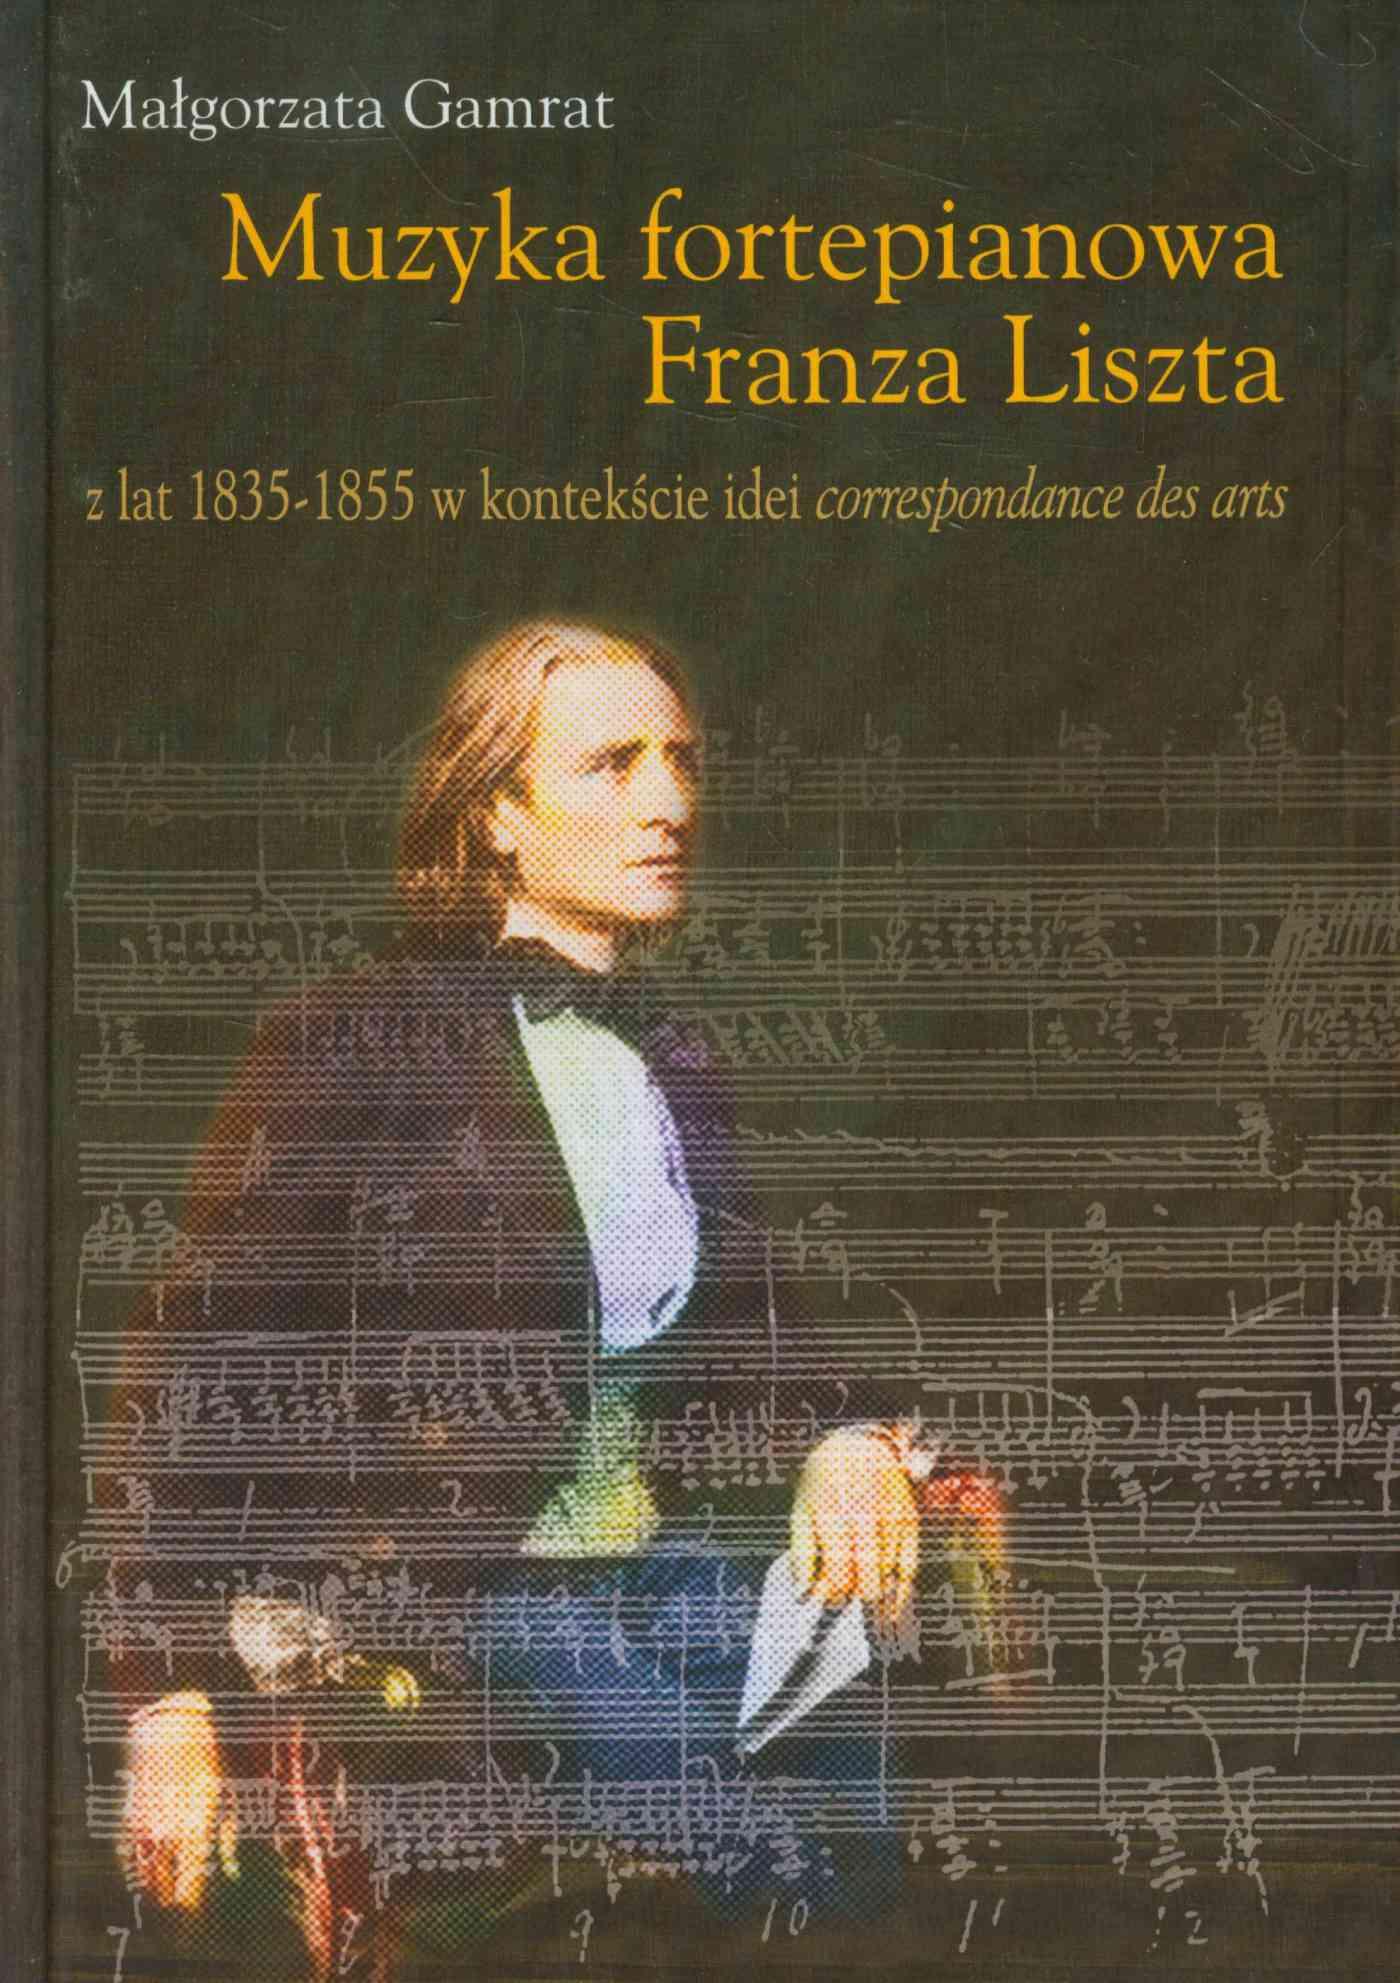 Muzyka fortepianowa Franza Liszta - Ebook (Książka PDF) do pobrania w formacie PDF